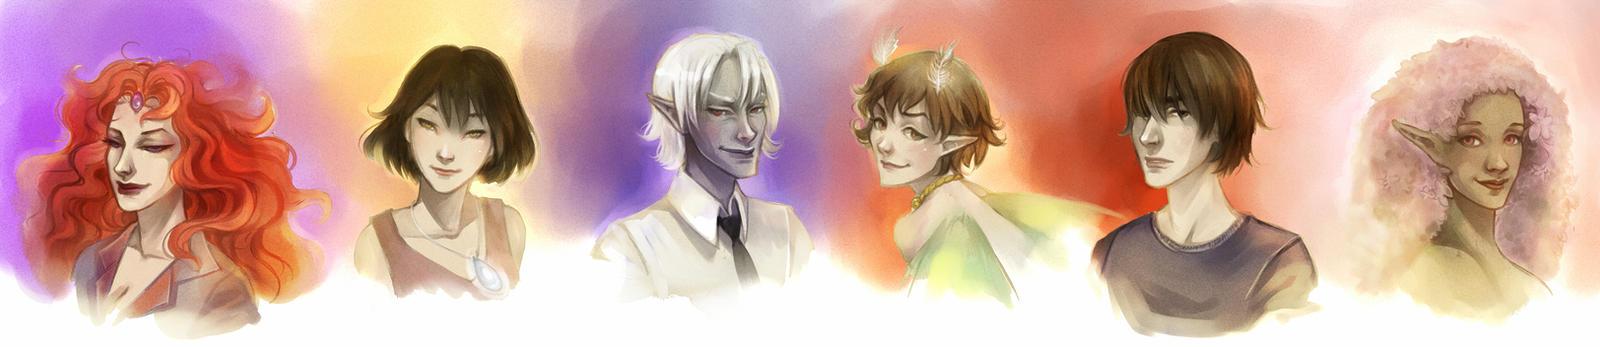 Special Portrait Commissions 1